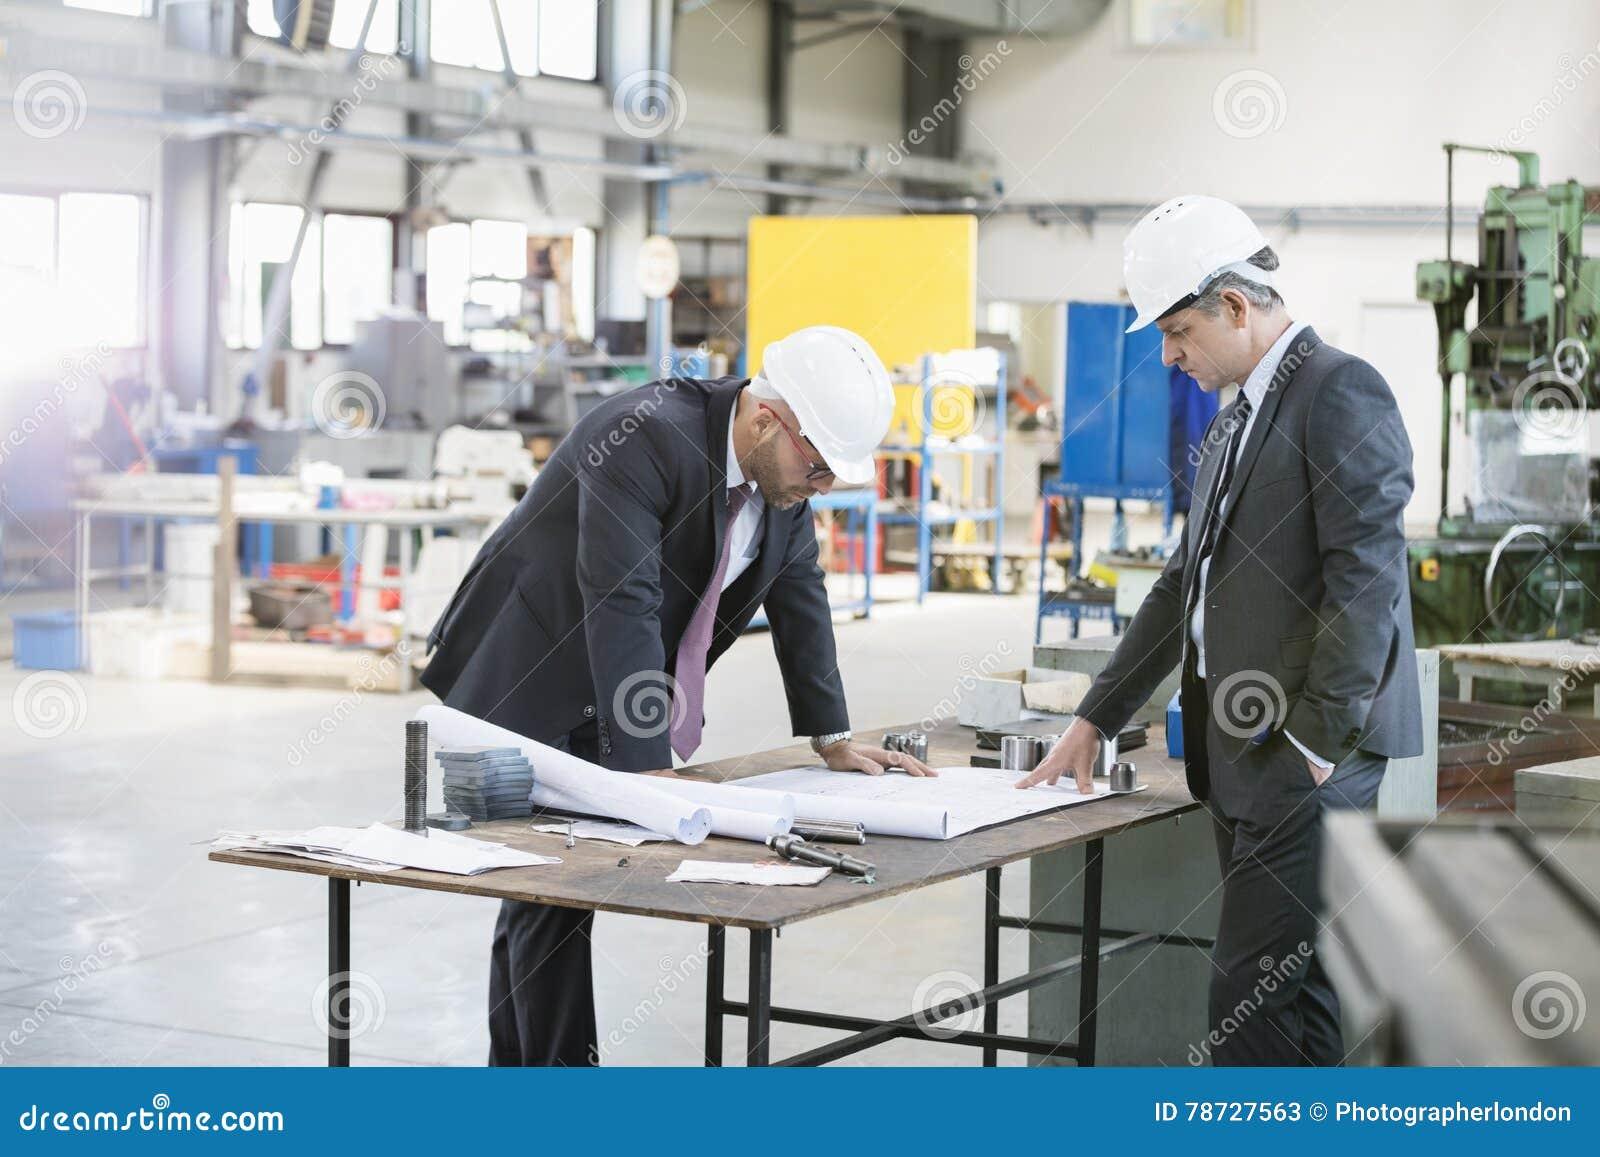 Zakenlieden die blauwdruk onderzoeken bij werkbank in de metaalindustrie